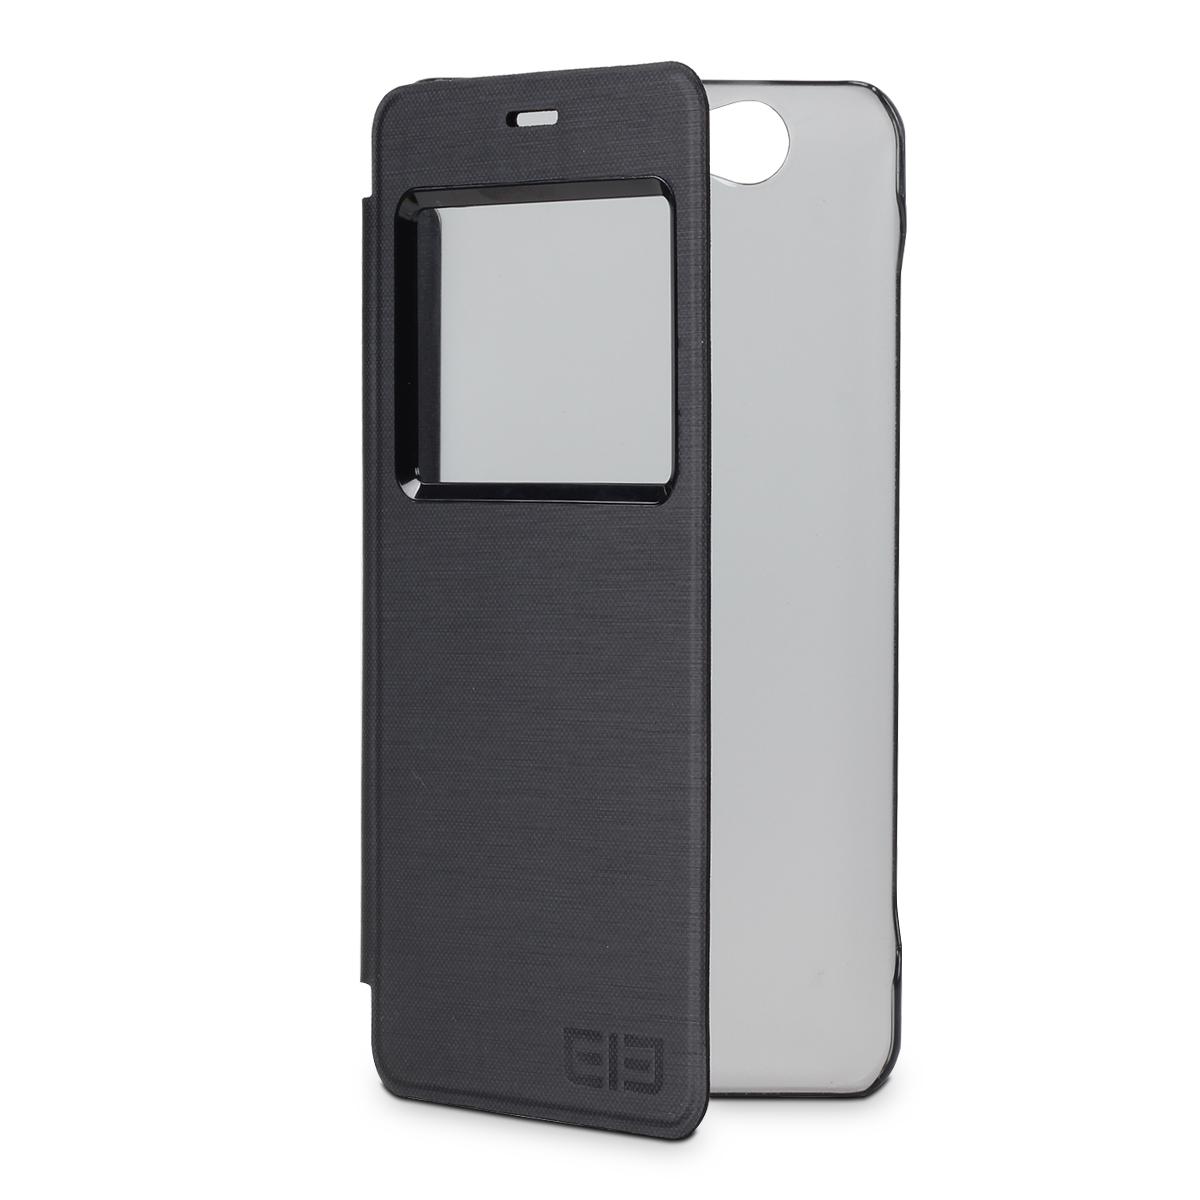 Чехлы, Накладки для телефонов, КПК Elephone  P5000 P5000 P5000